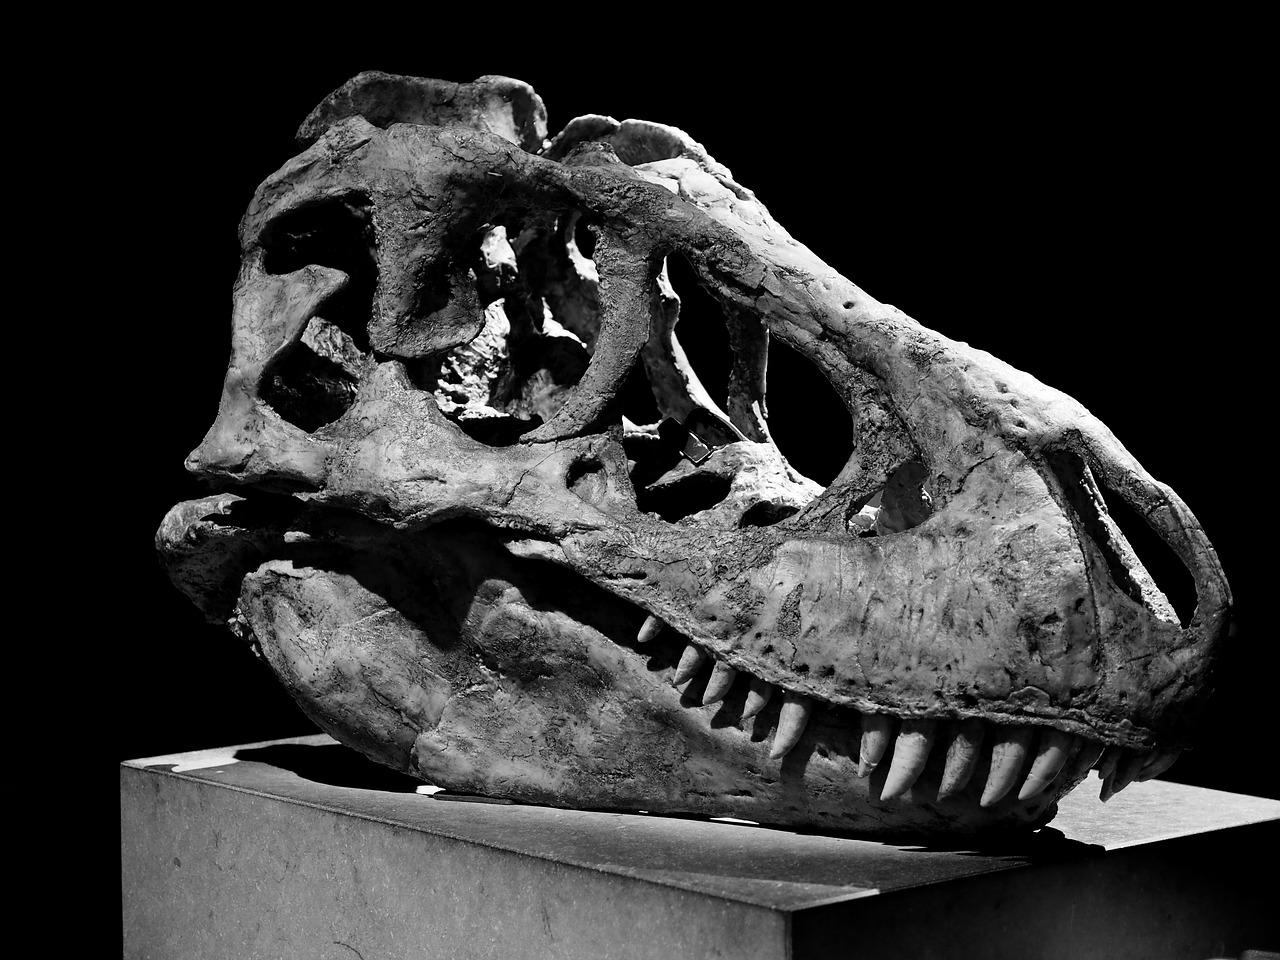 Bande annonce de Jurassic World 2 enfin disponible !